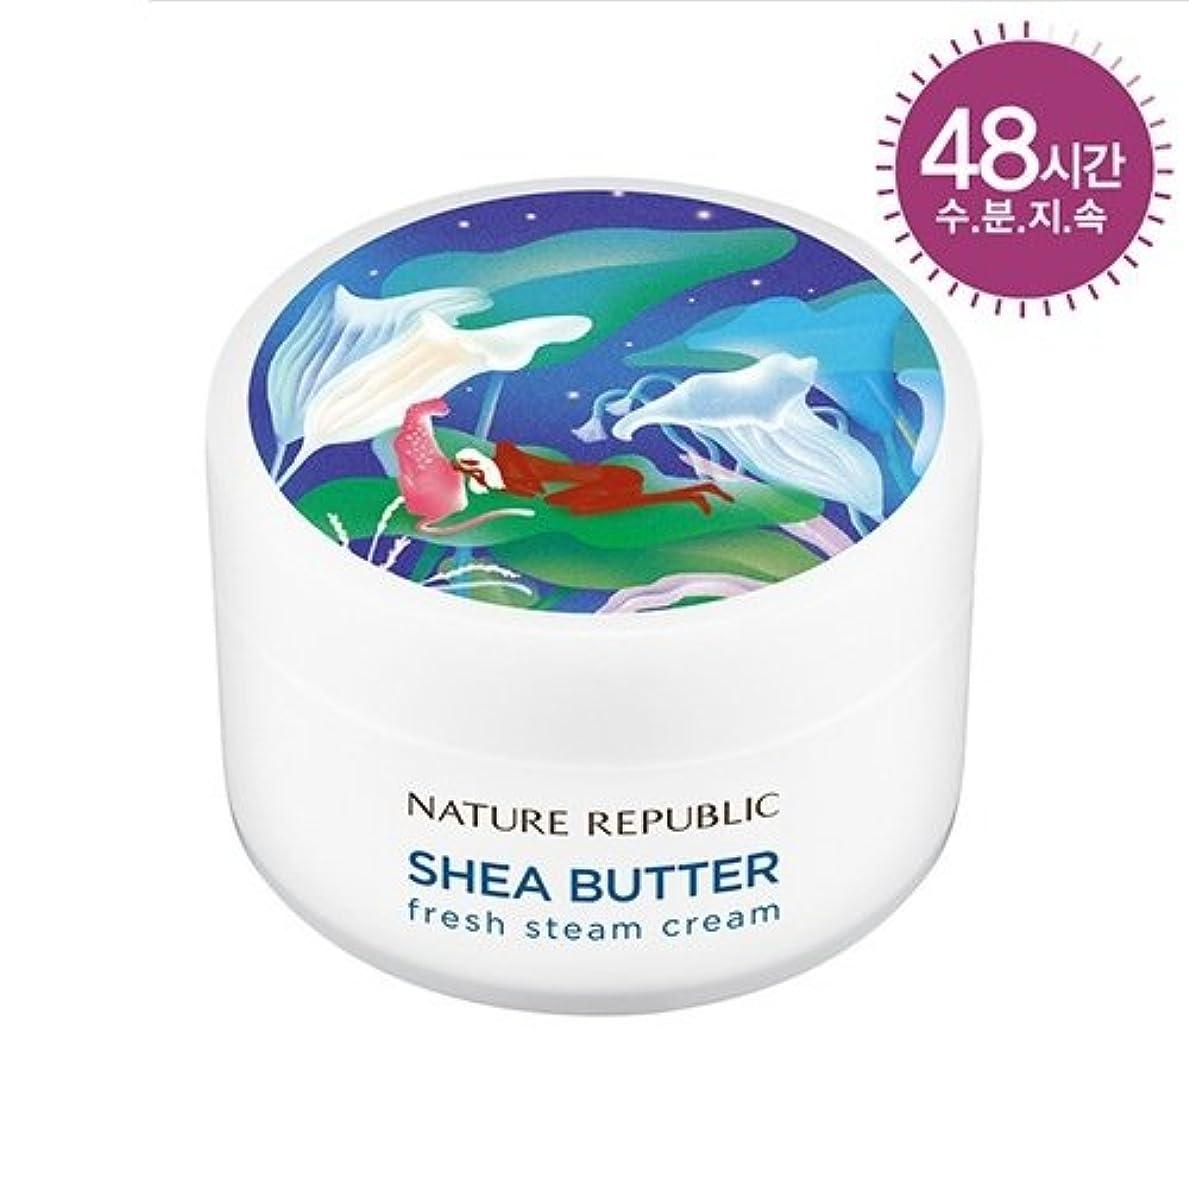 不快な食物胚芽NATURE REPUBLIC(ネイチャーリパブリック) SHEA BUTTER STEAM CREAM シアバター スチーム クリーム #フレッシュスオイリー肌